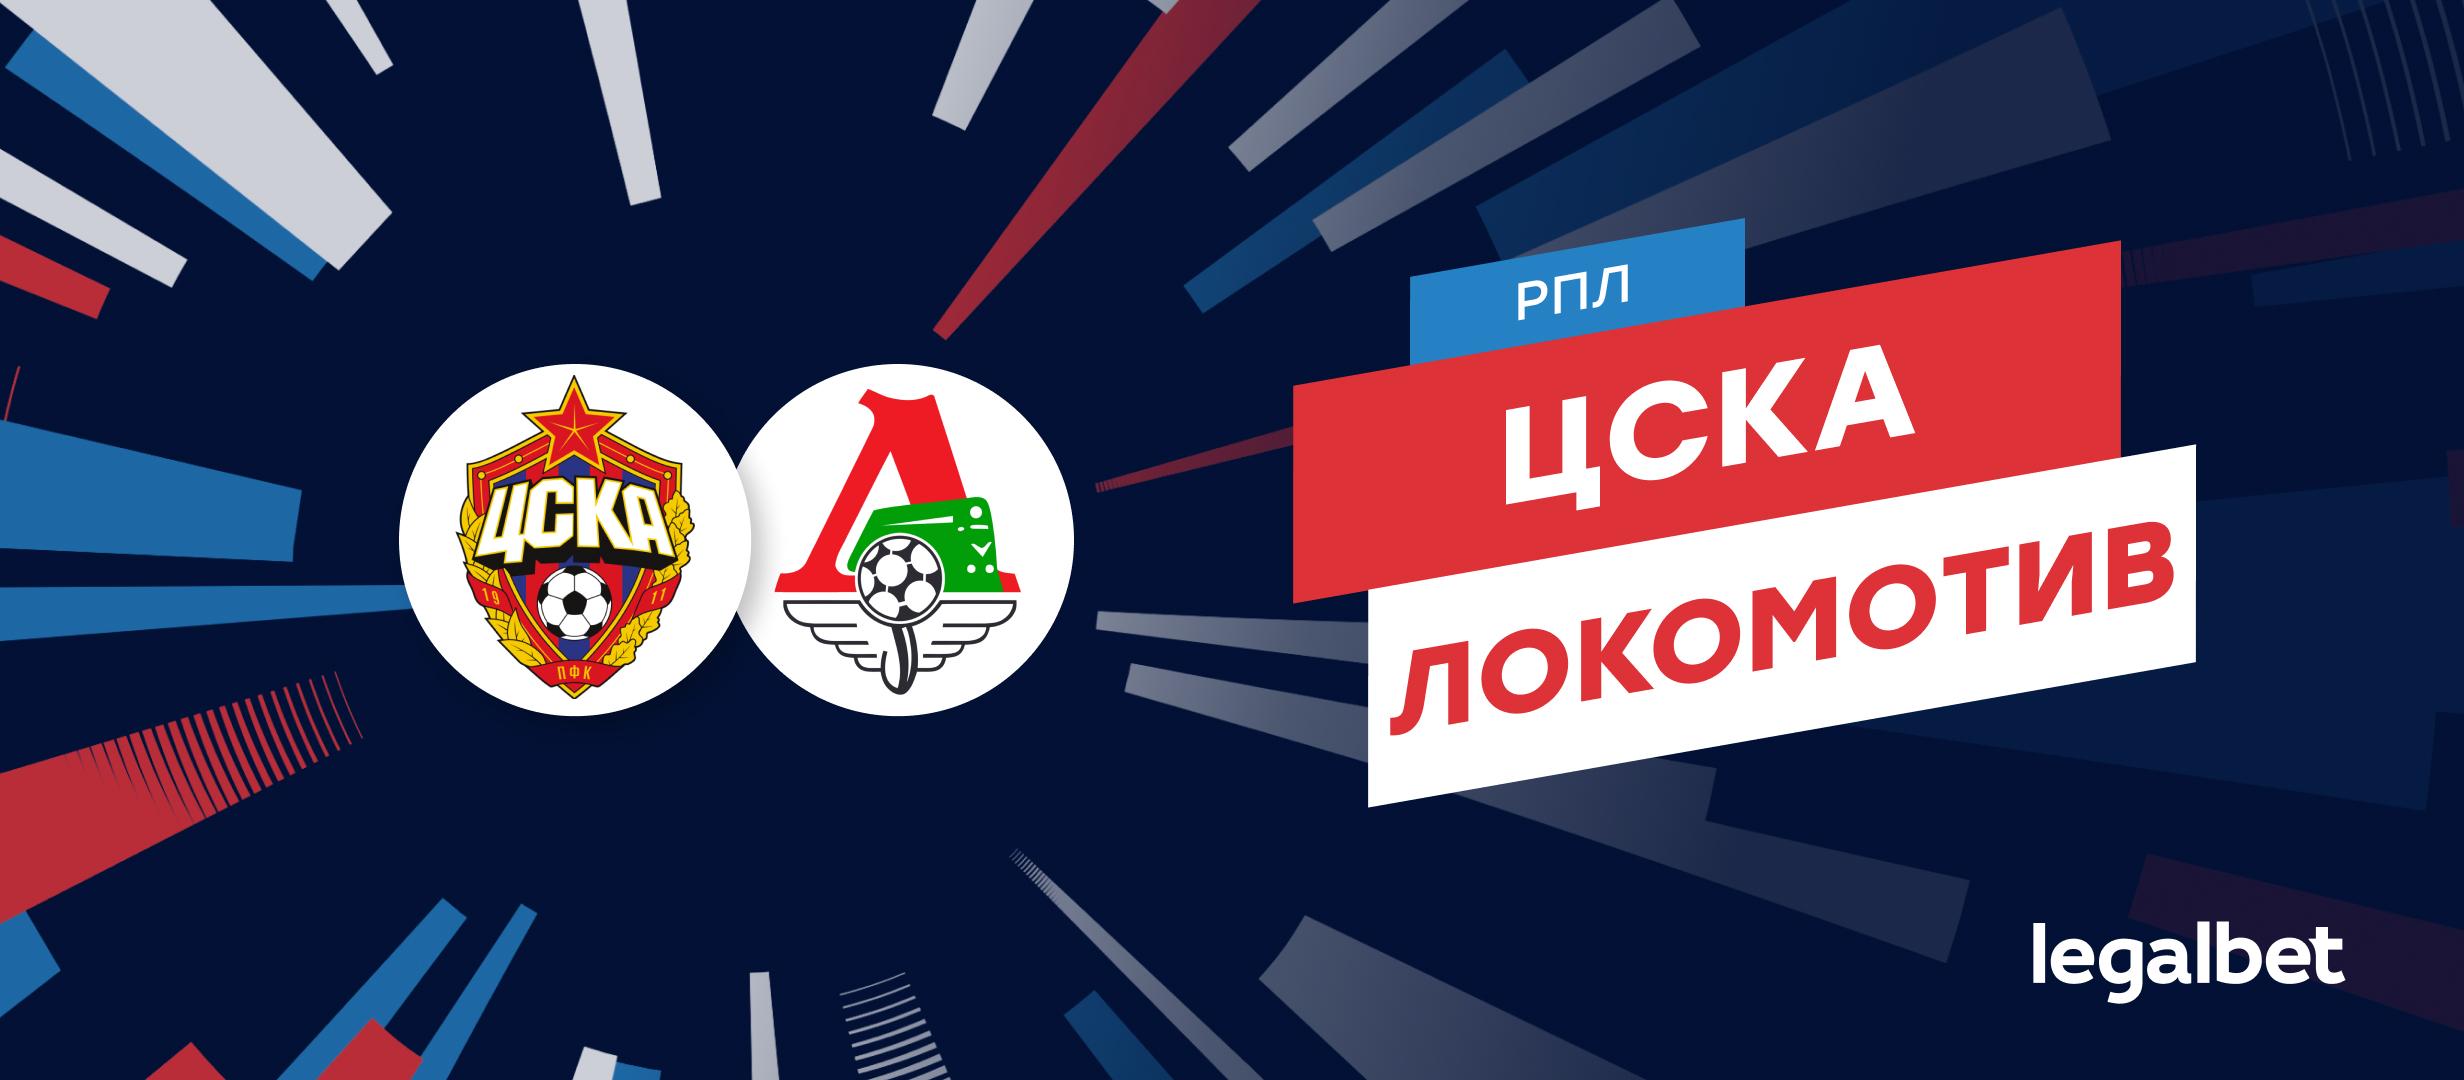 ЦСКА — «Локомотив»: ставки и коэффициенты на матч